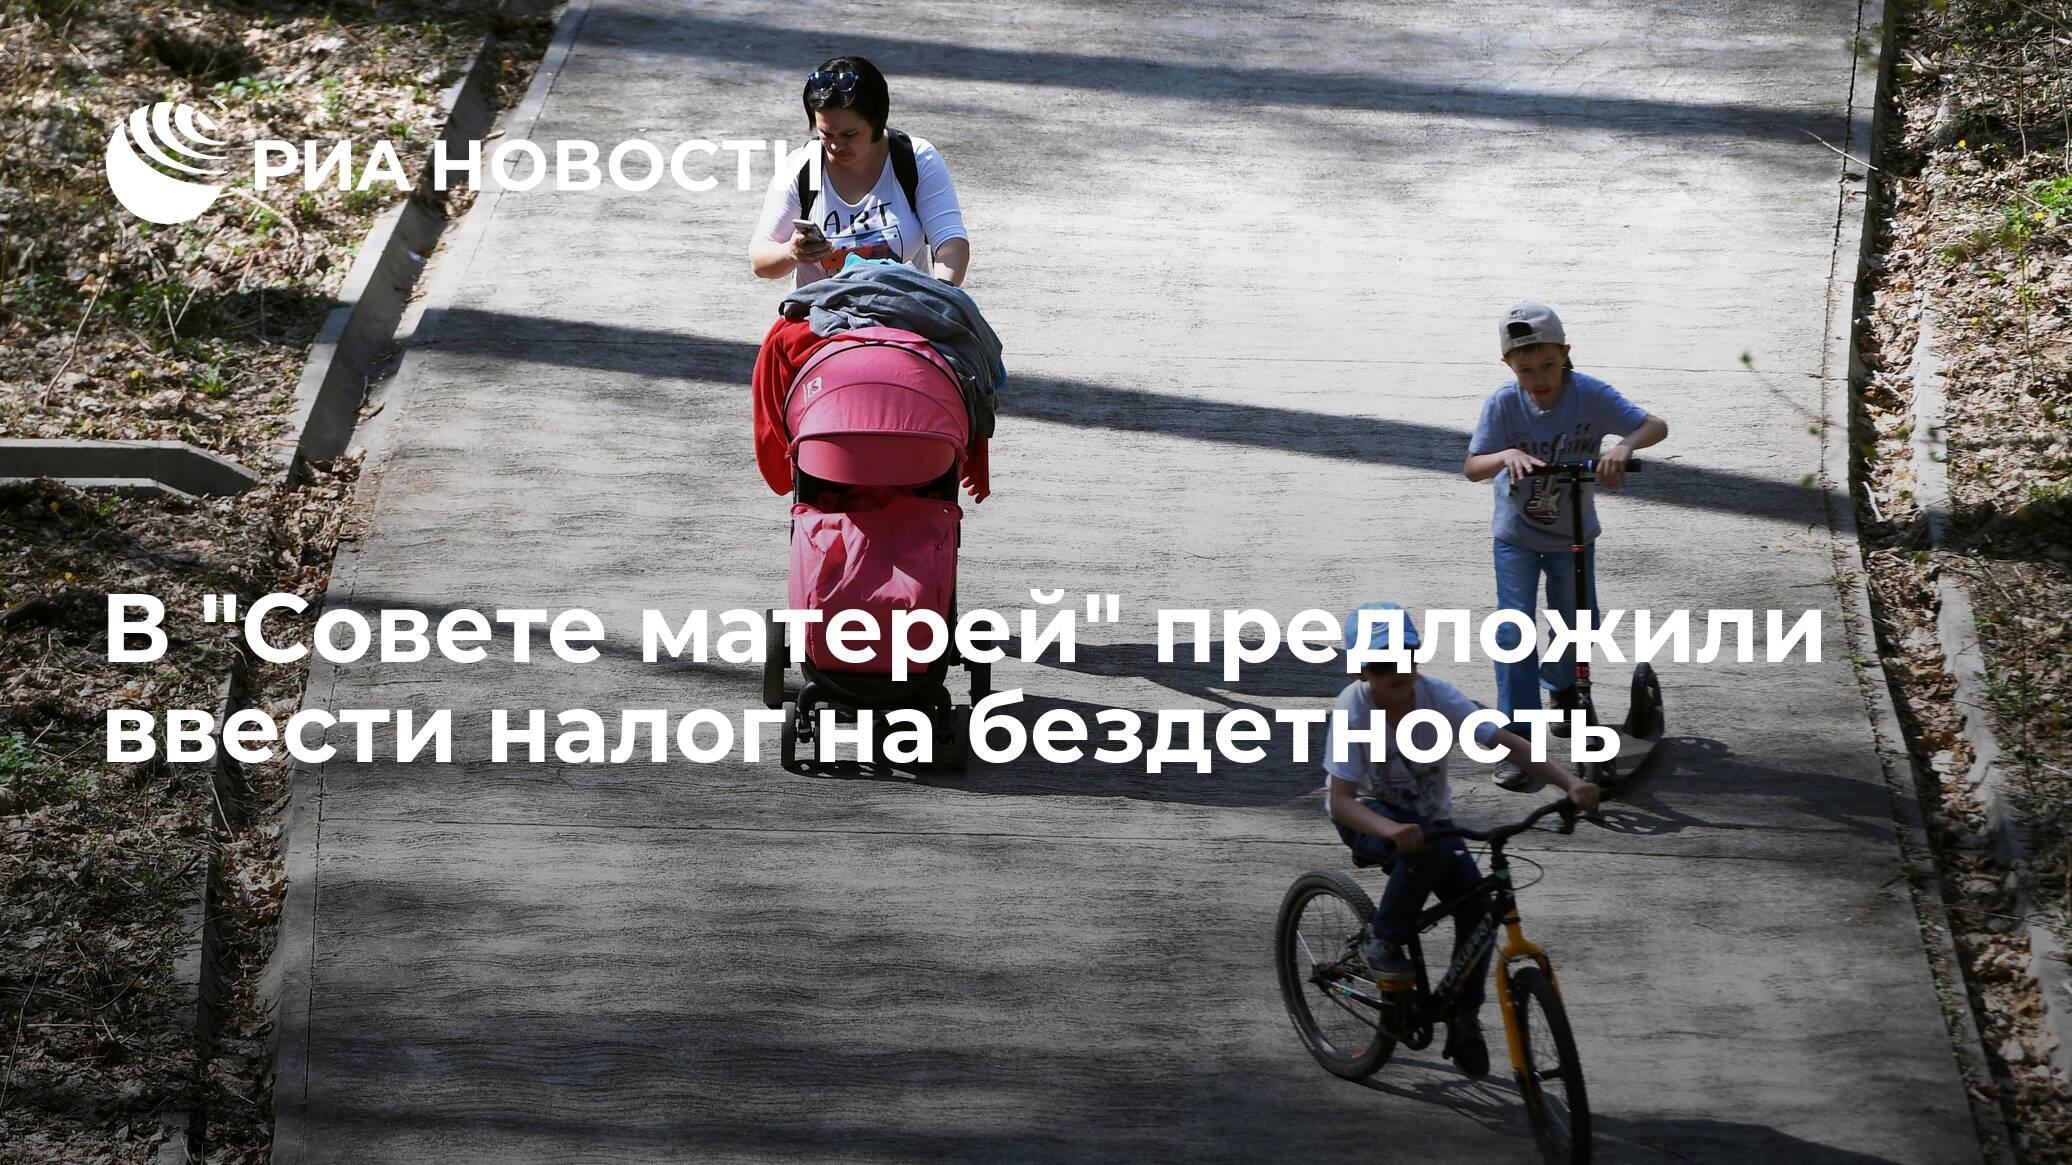 В 'Совете матерей' предложили ввести налог на бездетность - РИА НОВОСТИ